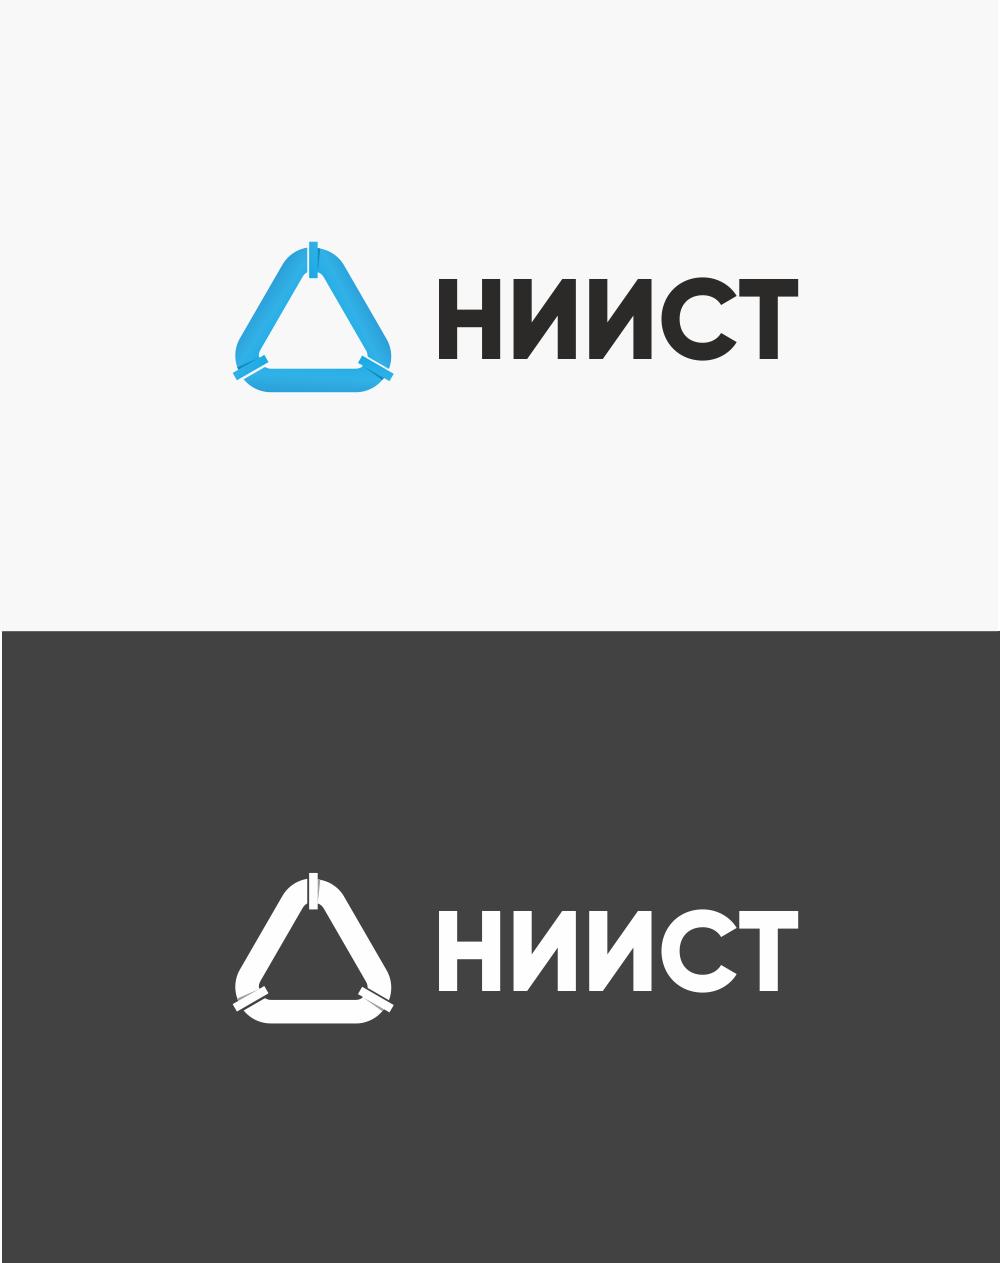 Разработка логотипа фото f_2425b9f7e07a3943.png